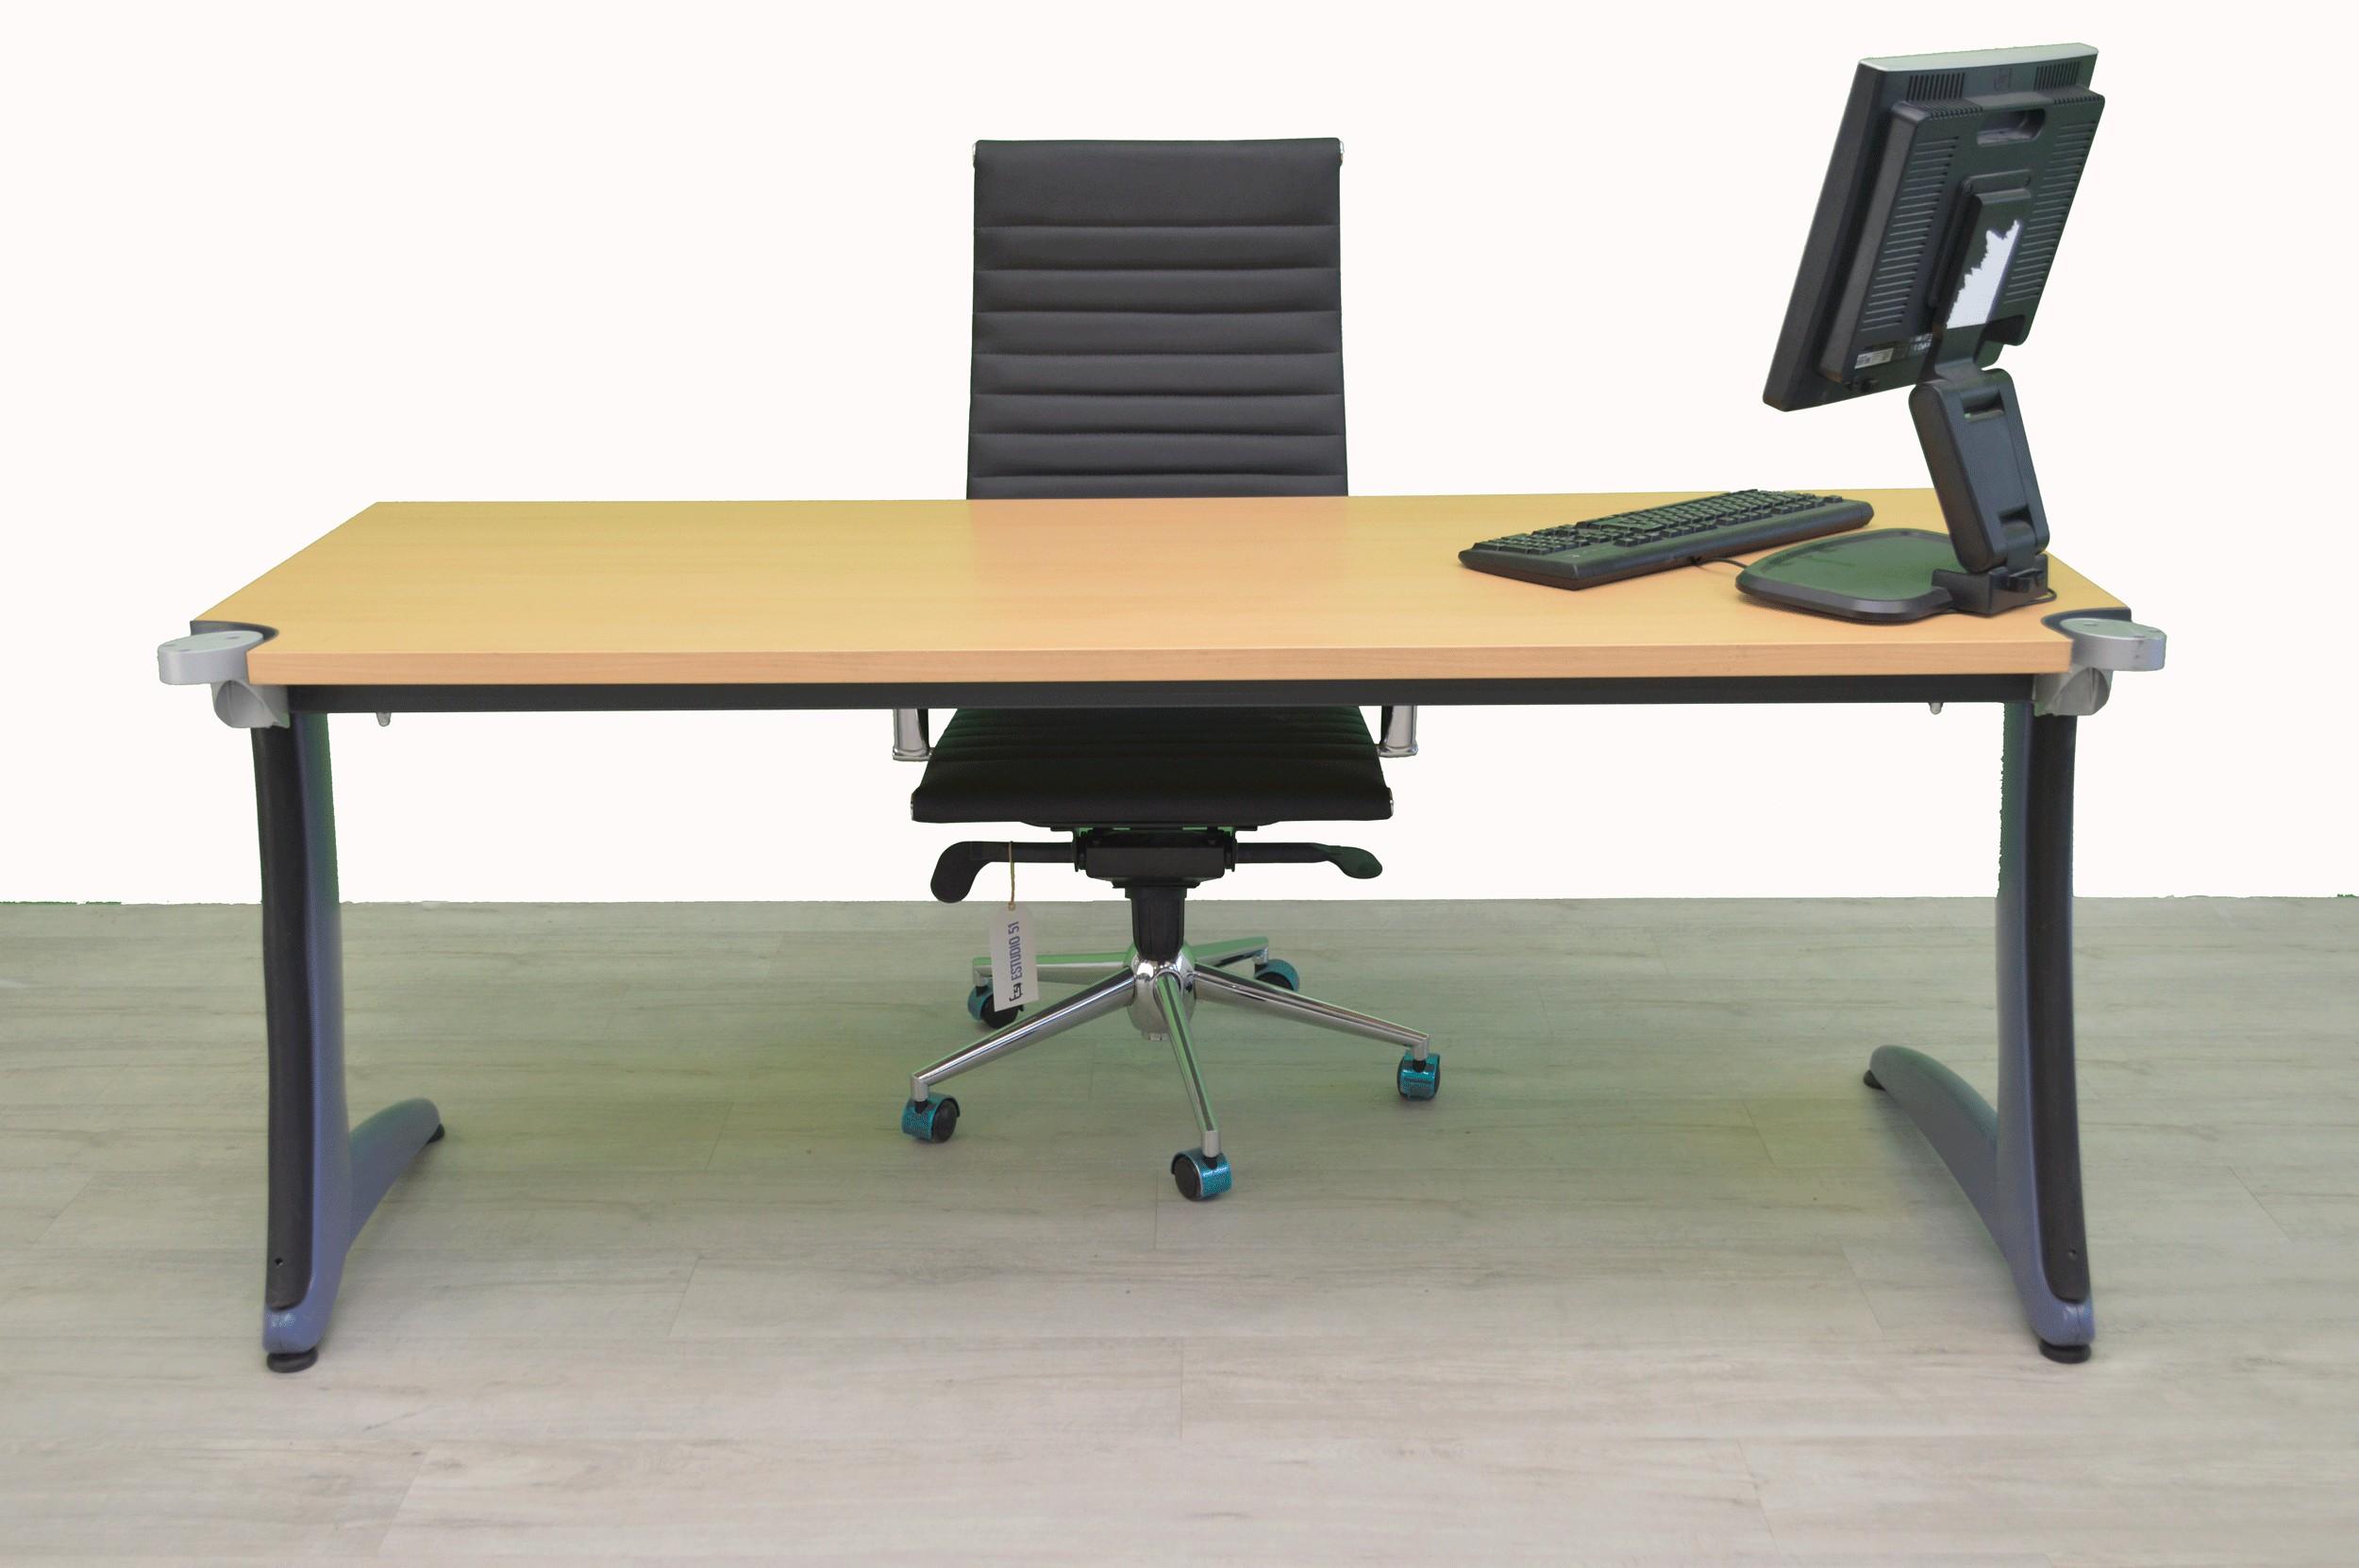 Muebles oficina segunda mano cordoba good sillon - Muebles guerrero lucena ...